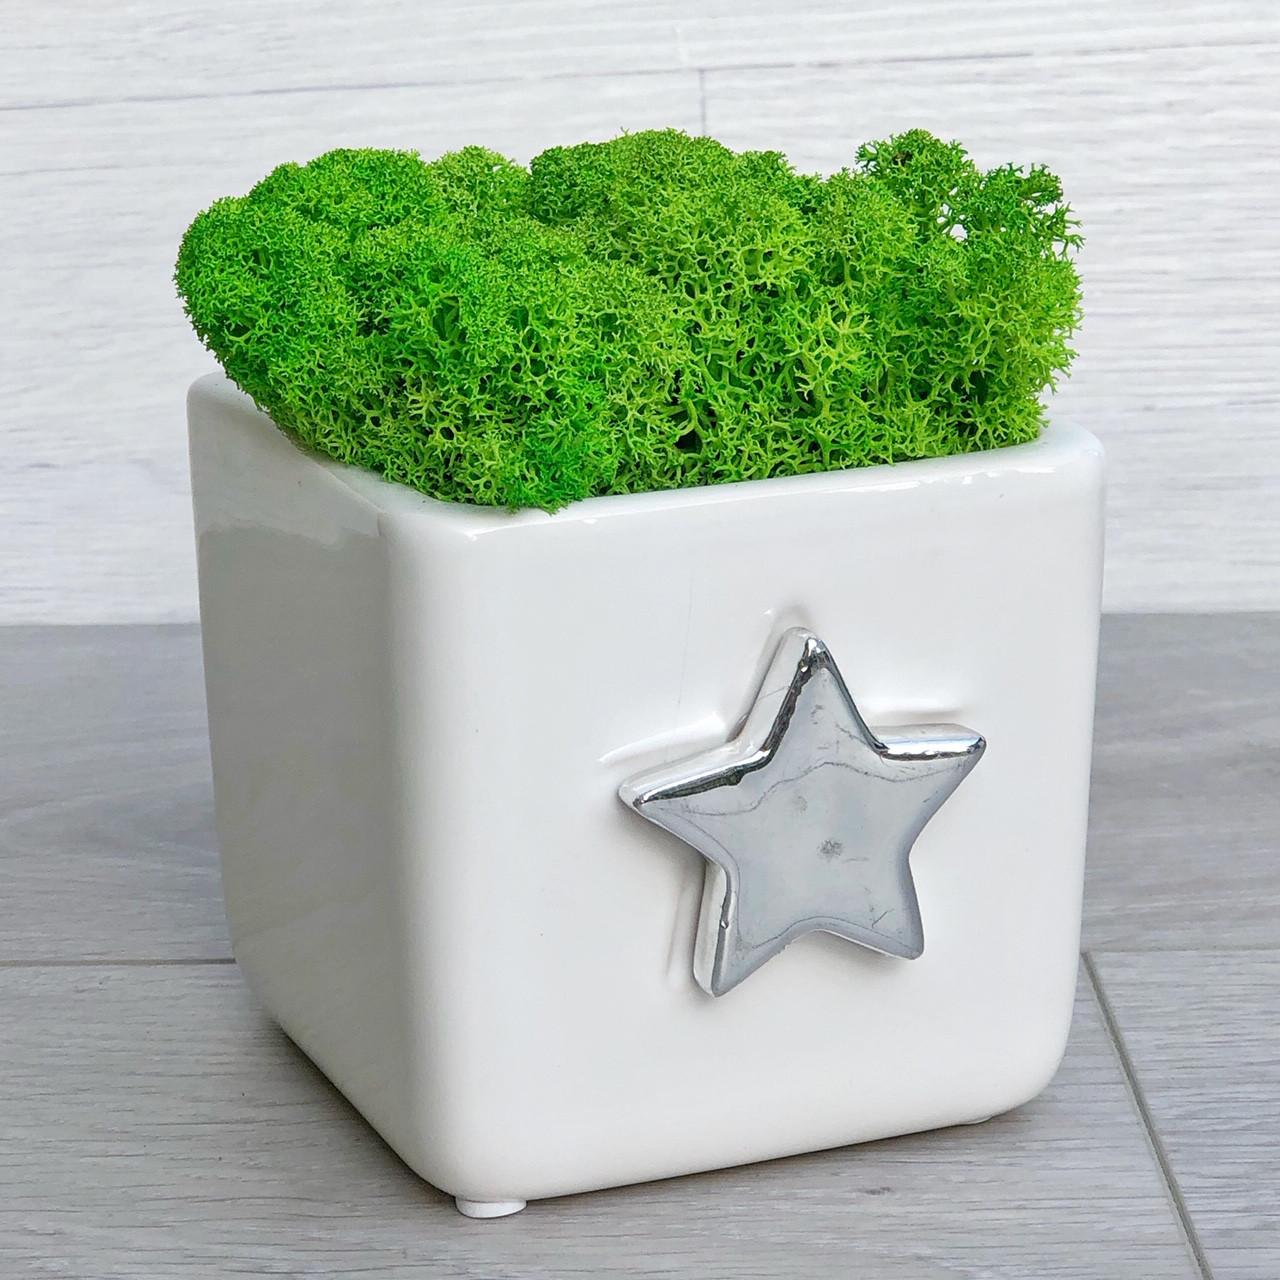 Кашпо для цветов керамическое квадратное со звездой